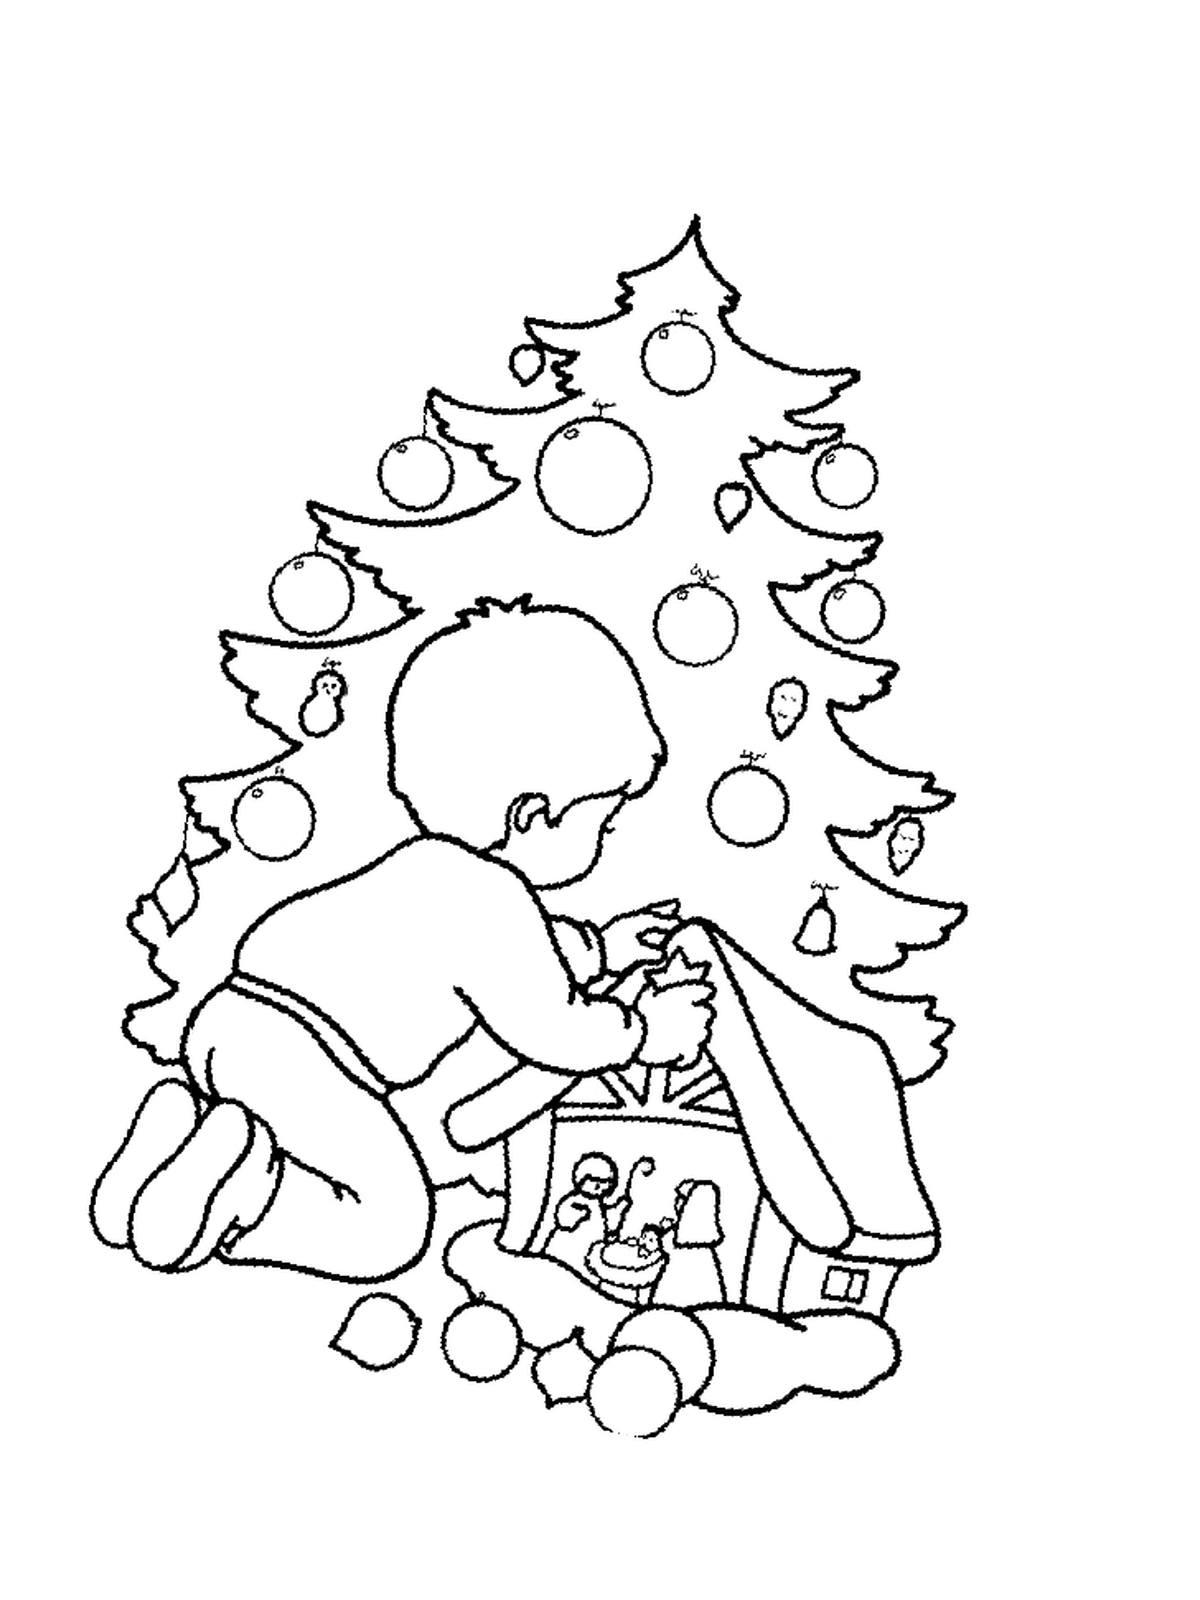 ausmalbilder malvorlagen von weihnachten kostenlos zum. Black Bedroom Furniture Sets. Home Design Ideas